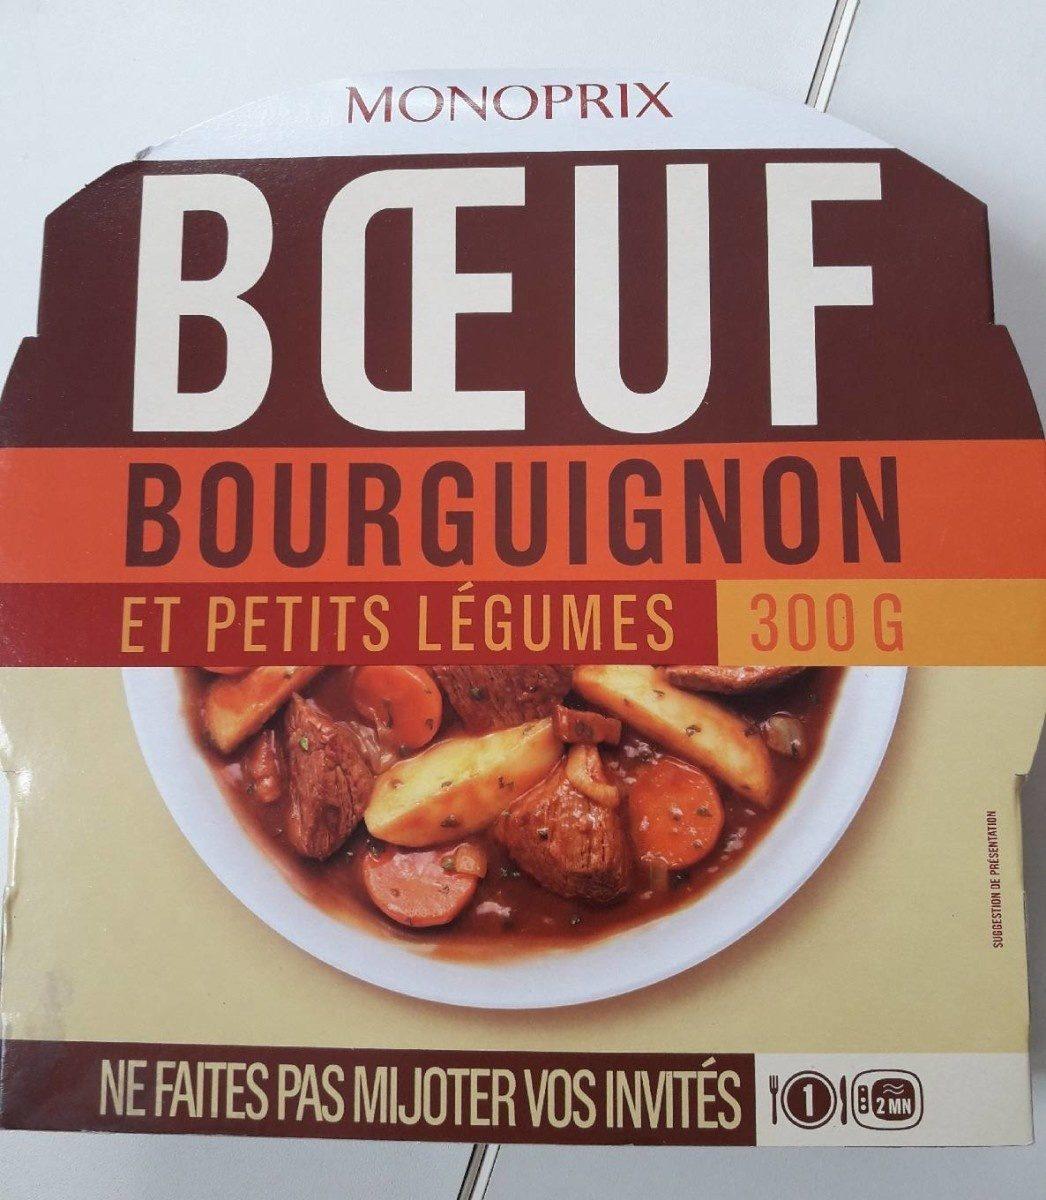 Bœuf Bourguignon, Pommes de Terre et Petits Légumes - Produit - fr